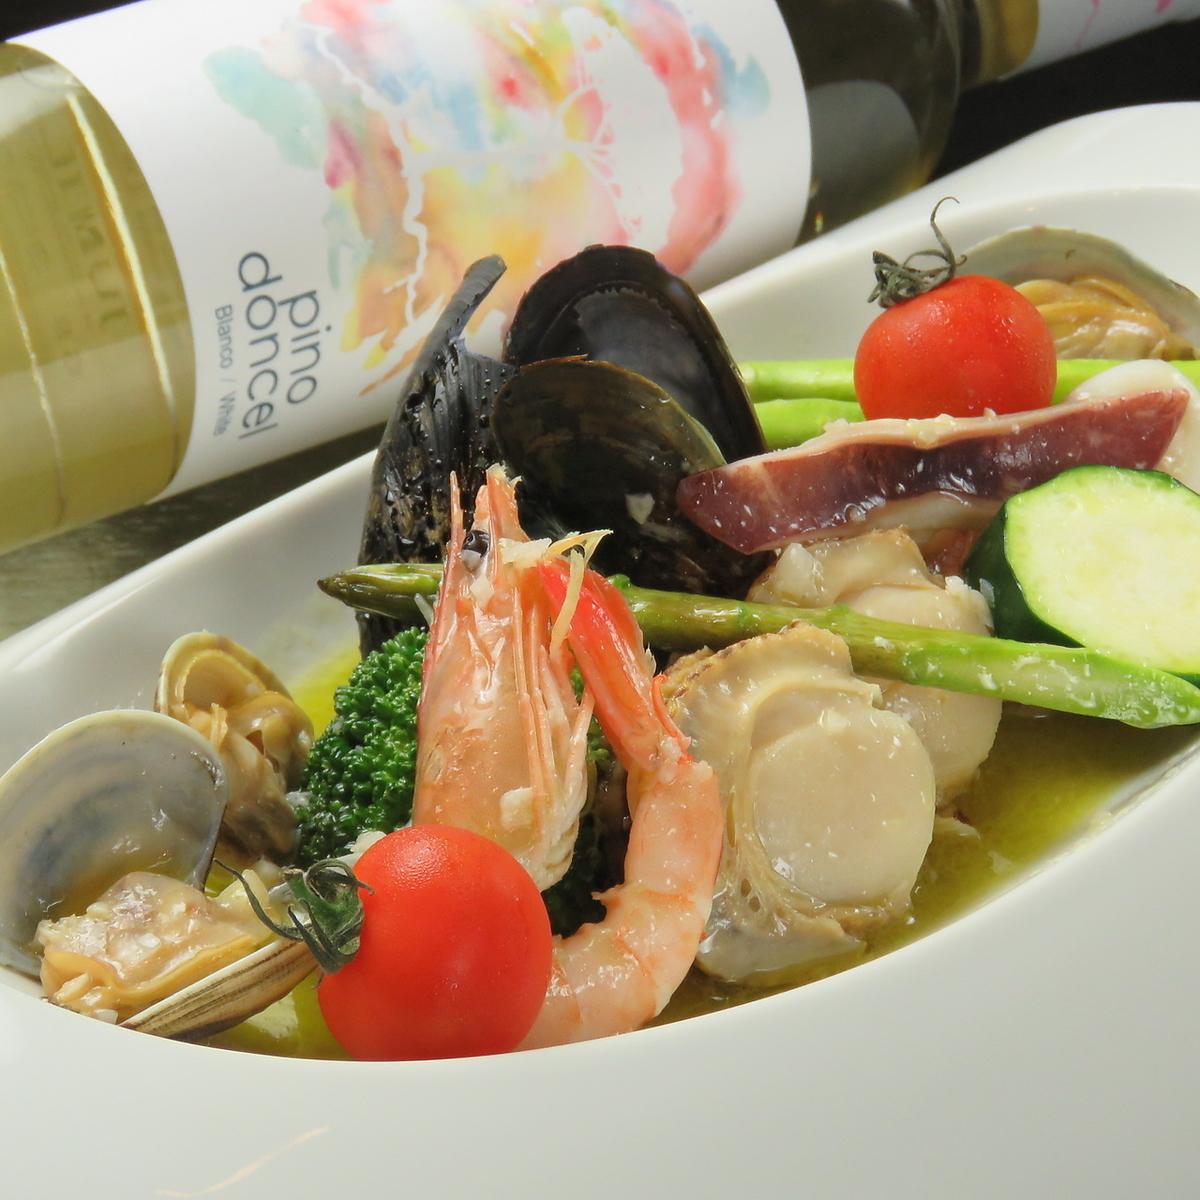 蒸瀨魚芝海鮮和大量的蔬菜白葡萄酒